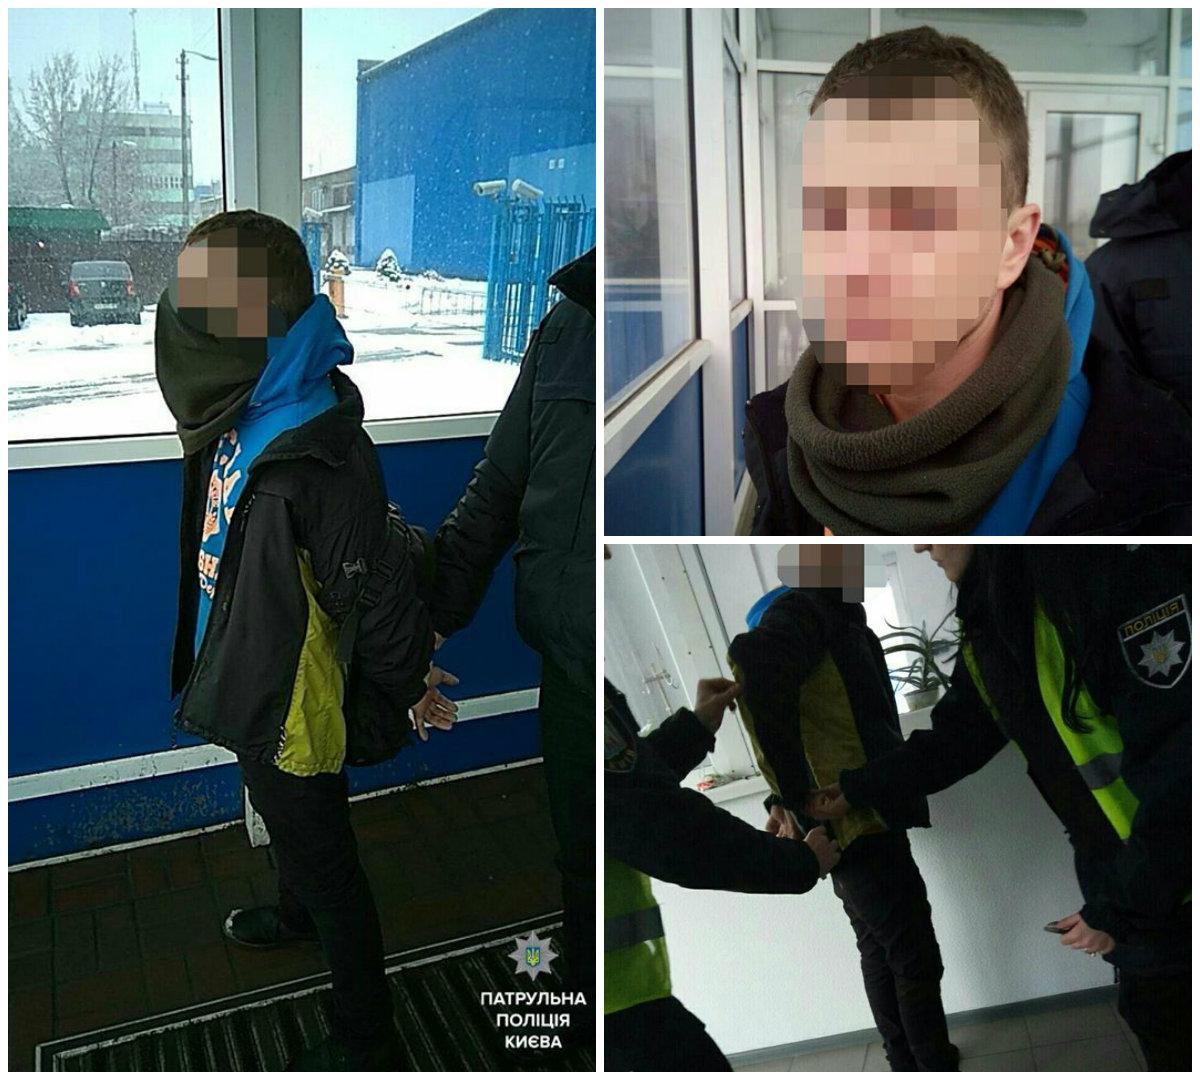 ВКиеве наостановке мужчину зарезали засделанное замечание